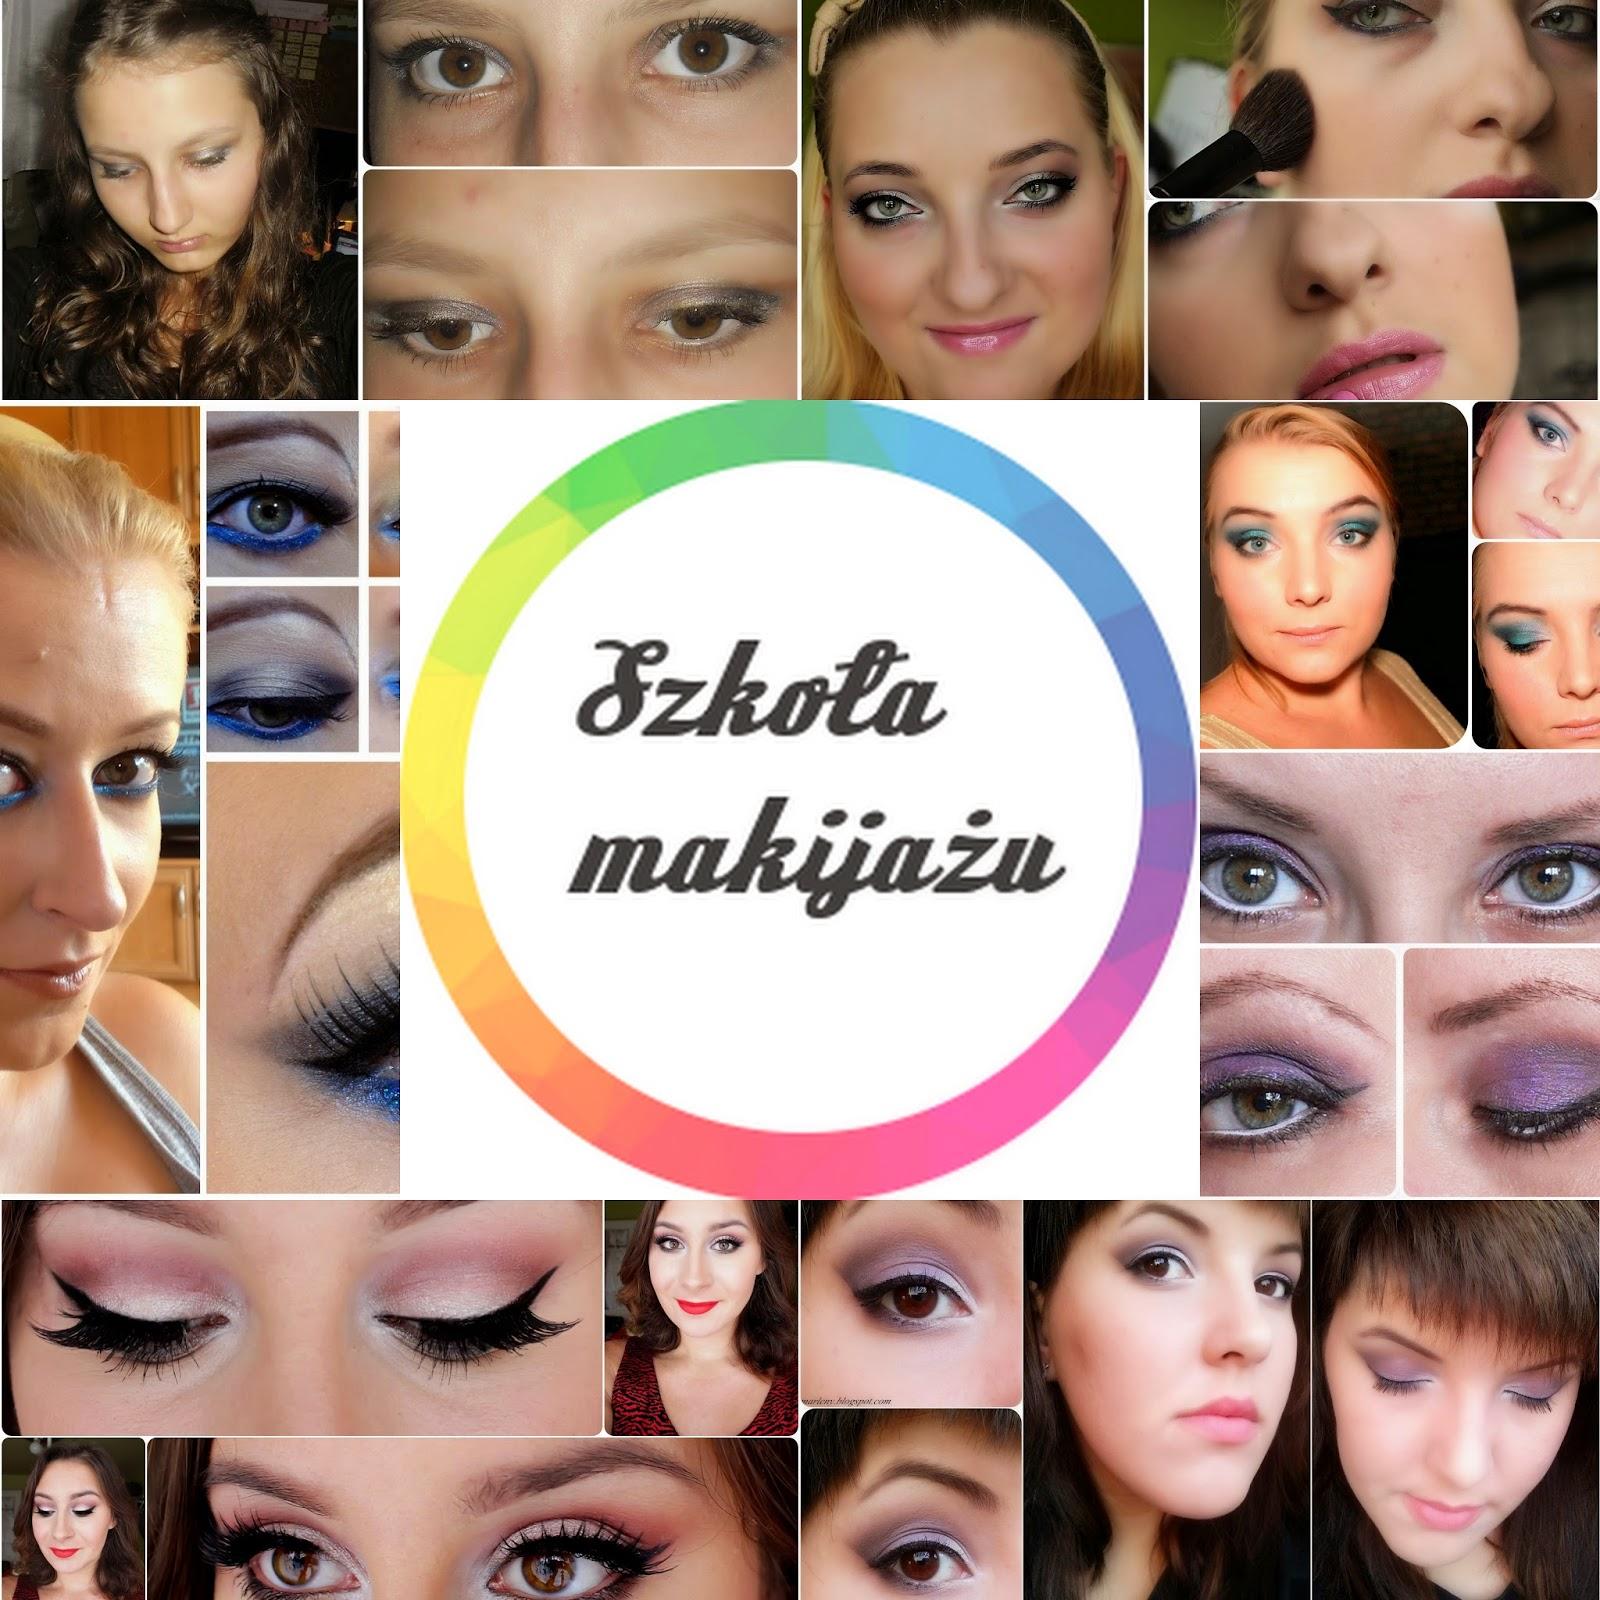 szkoła makijażu wspólna grafika